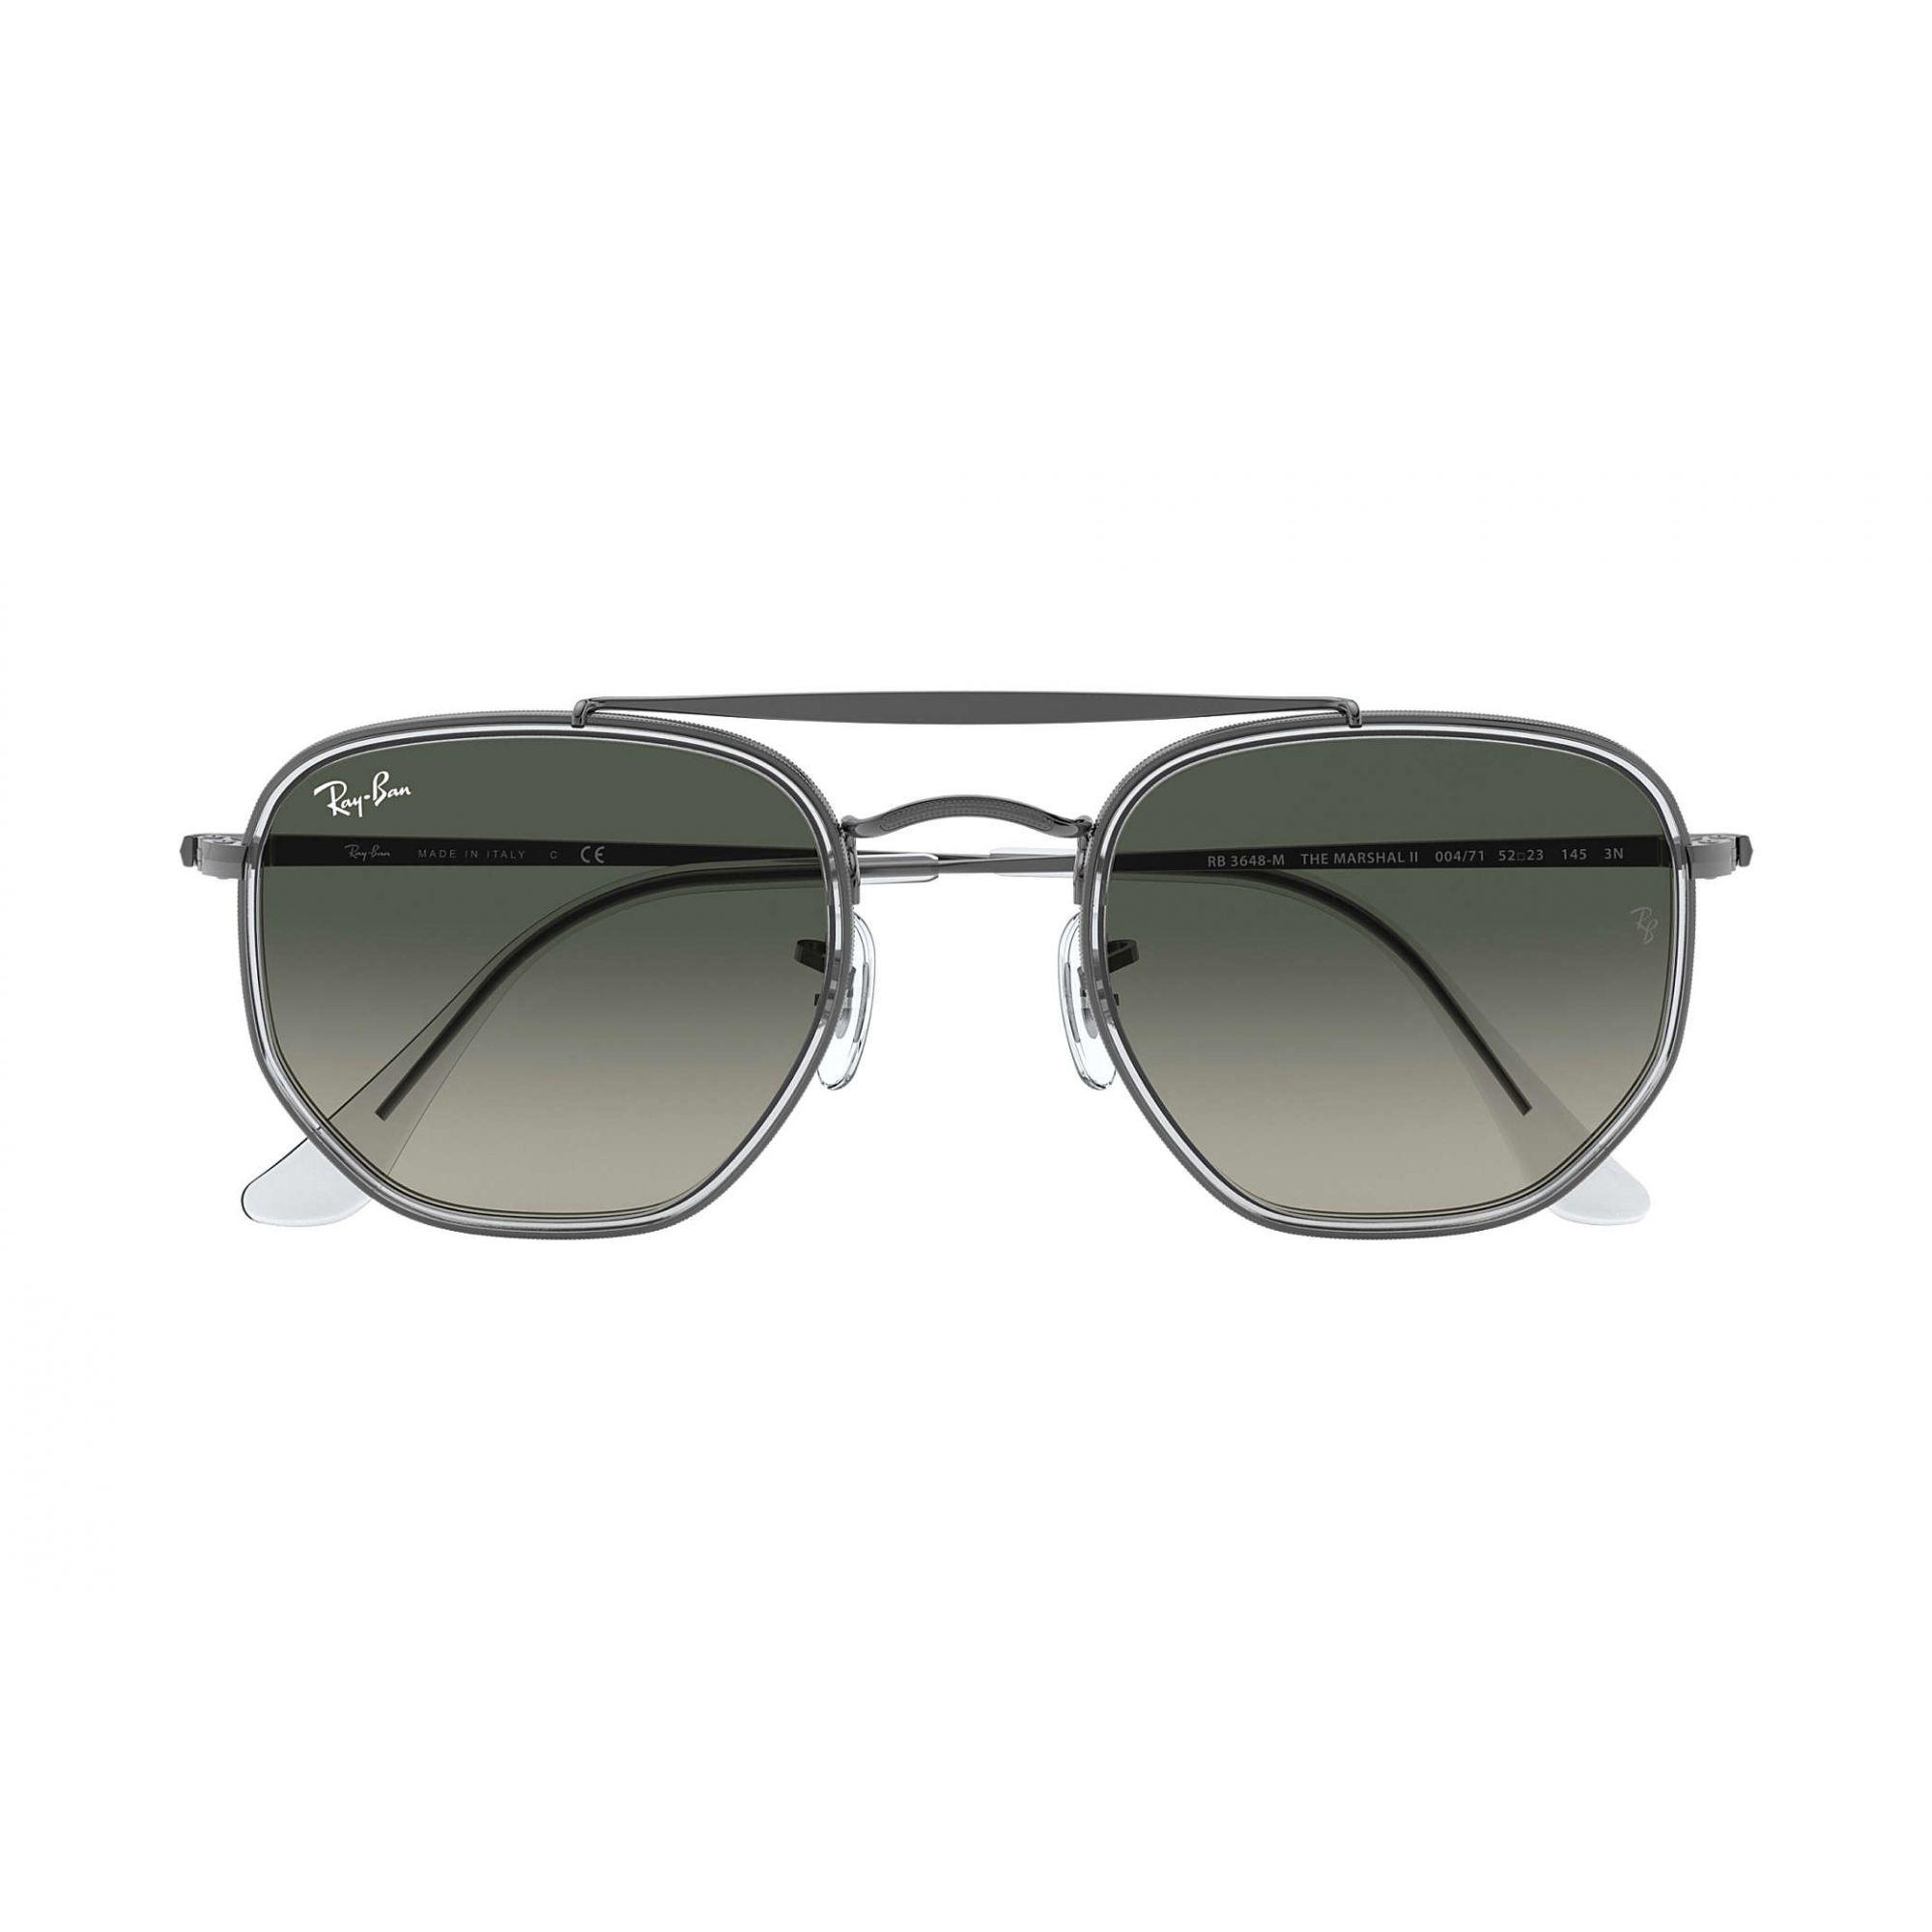 Ray Ban - RB3648M 0047152 - Óculos de sol